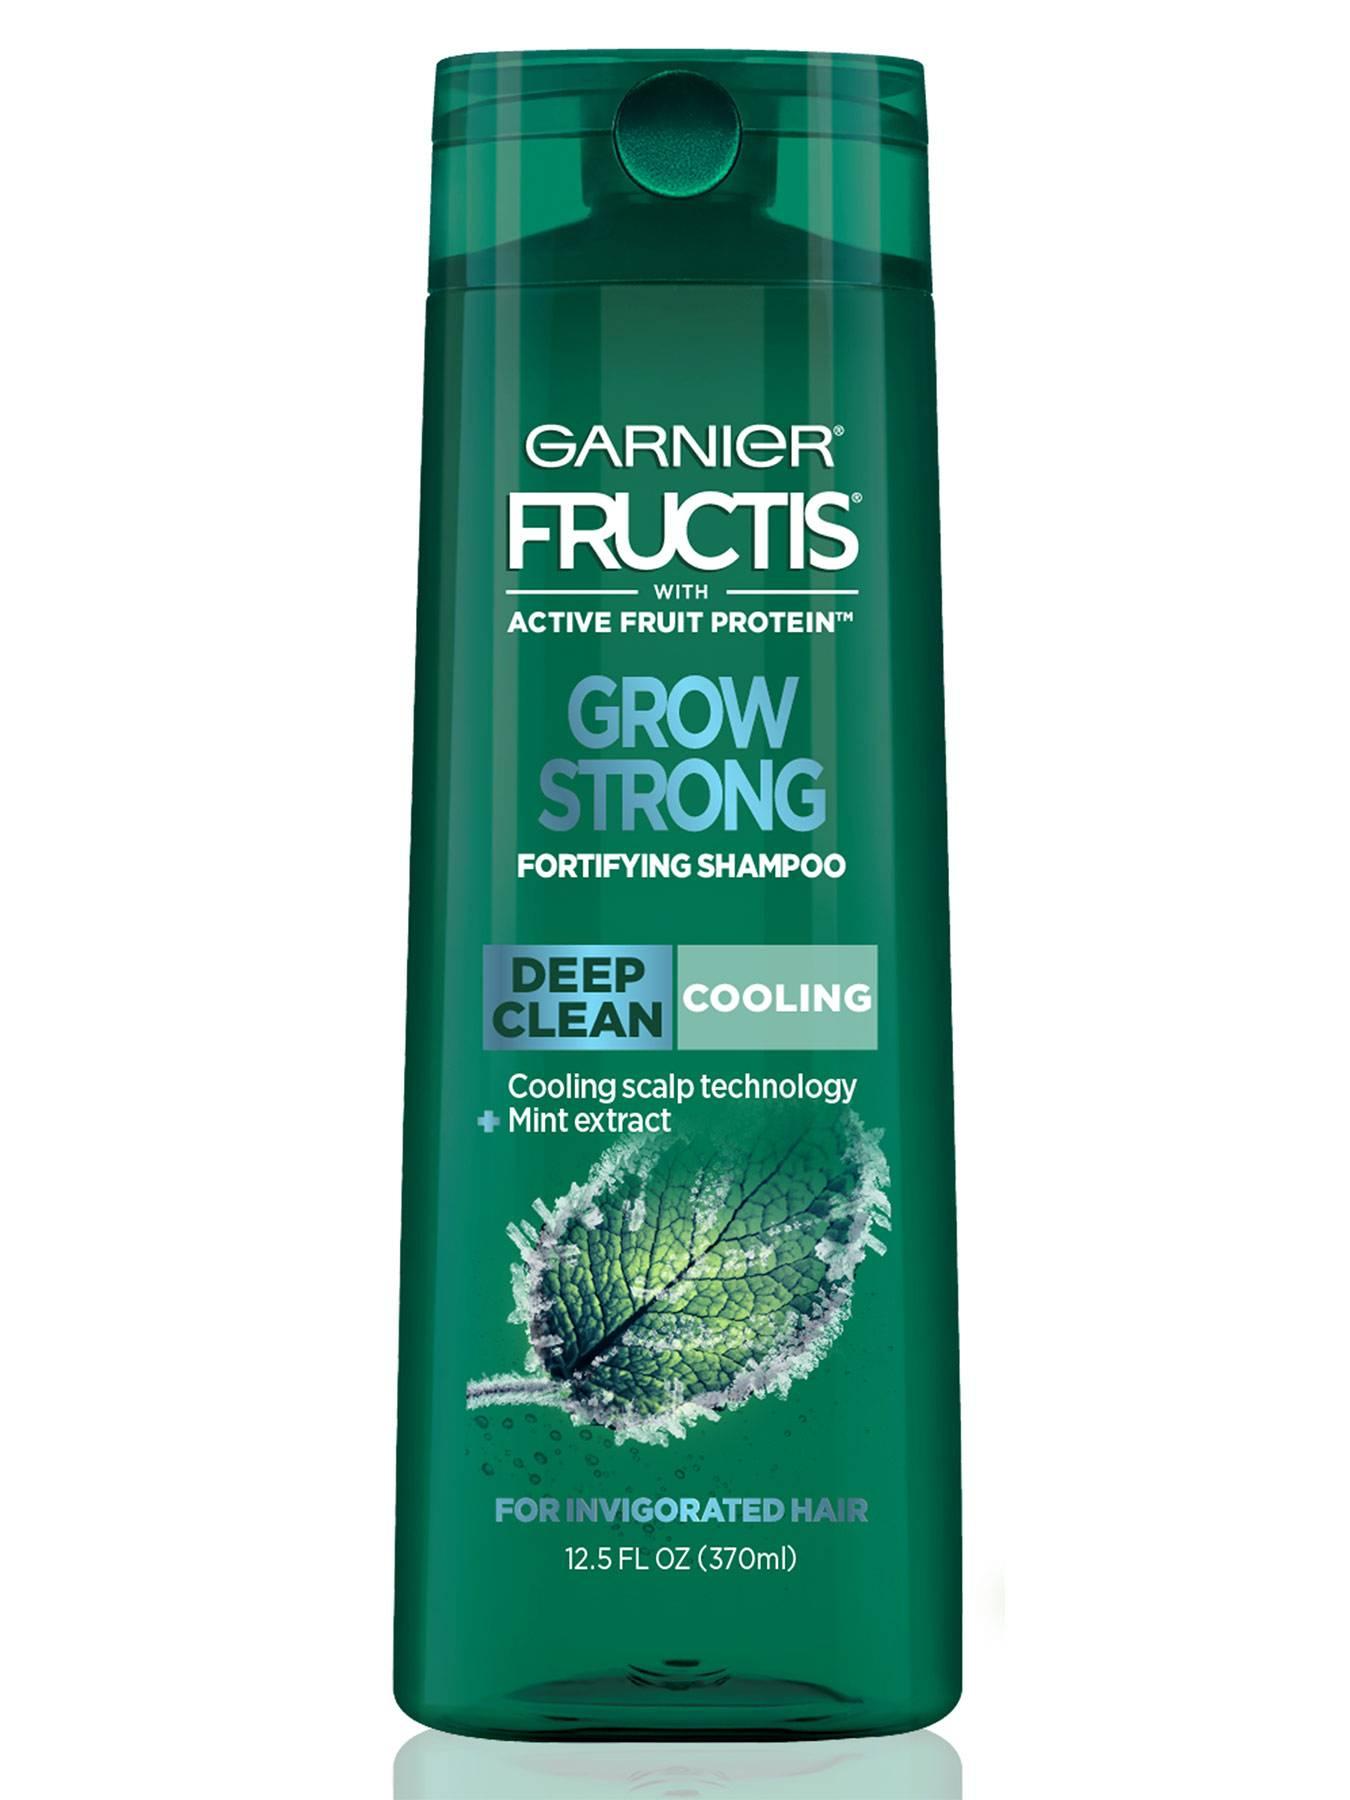 Fructis Grow Strong Cooling S Deep Clean Shampoo For Men Garnier